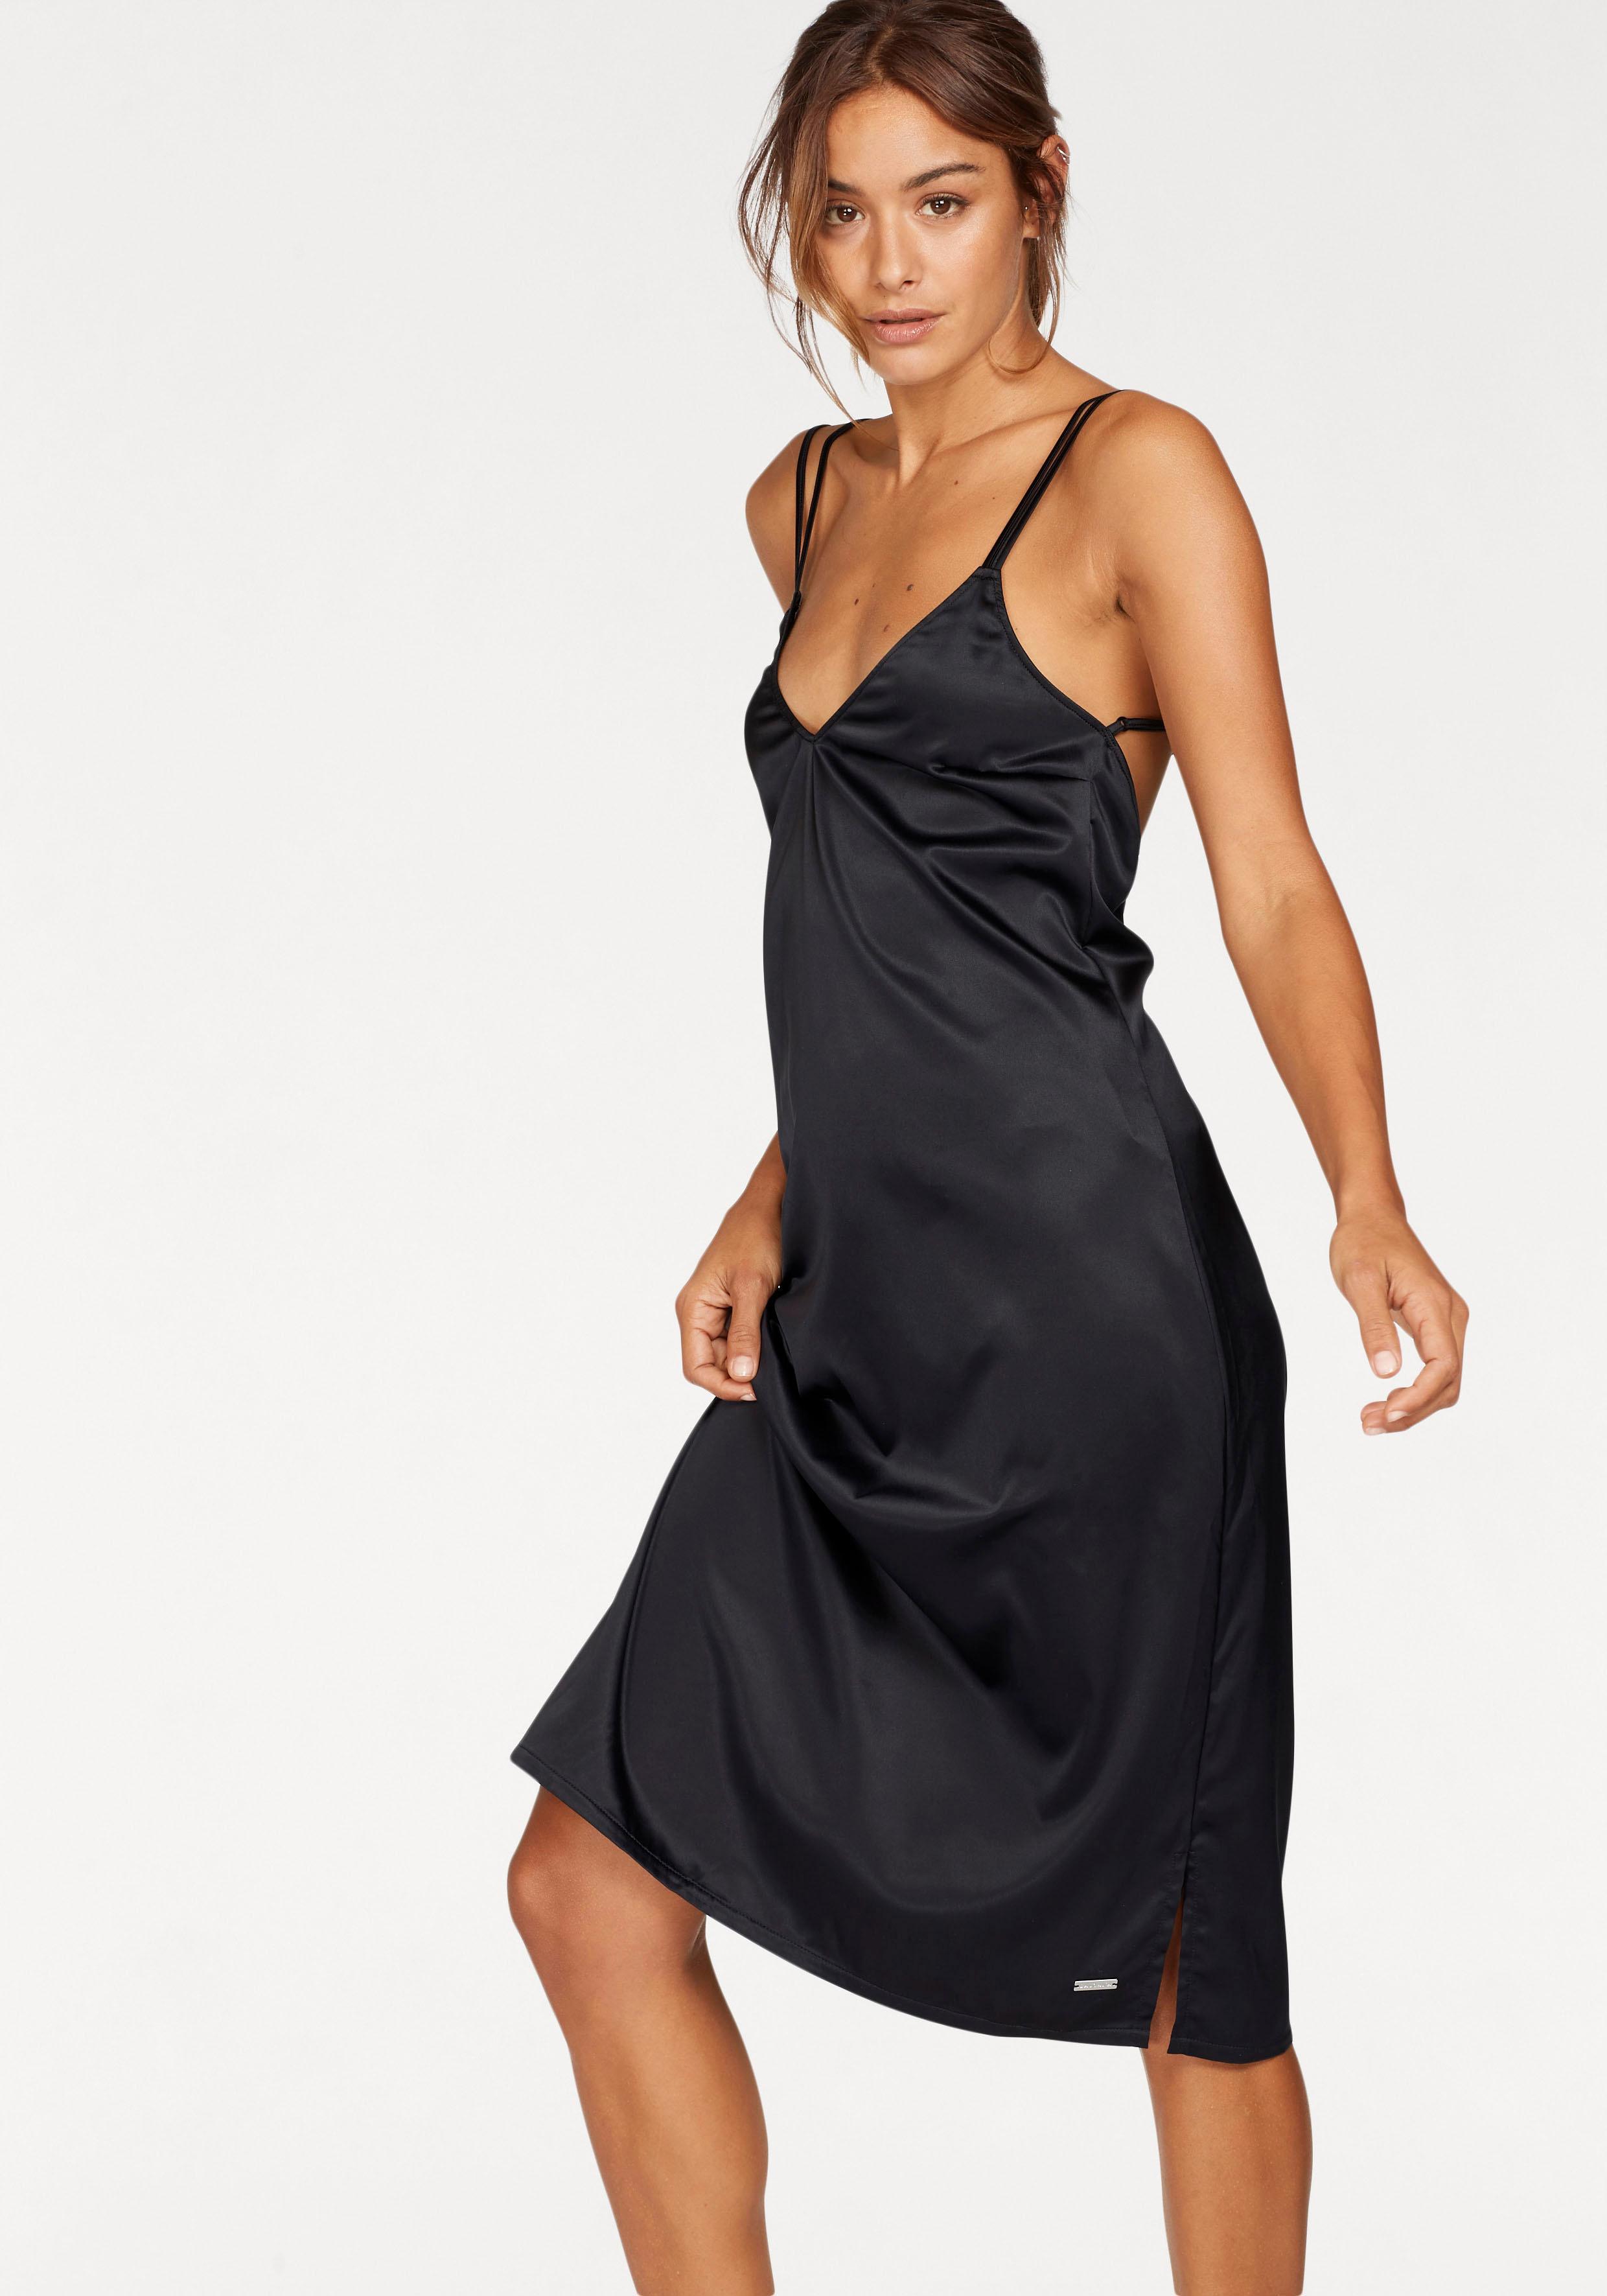 LASCANA Knielanges Slip Dress mit weitem Rückenausschnitt